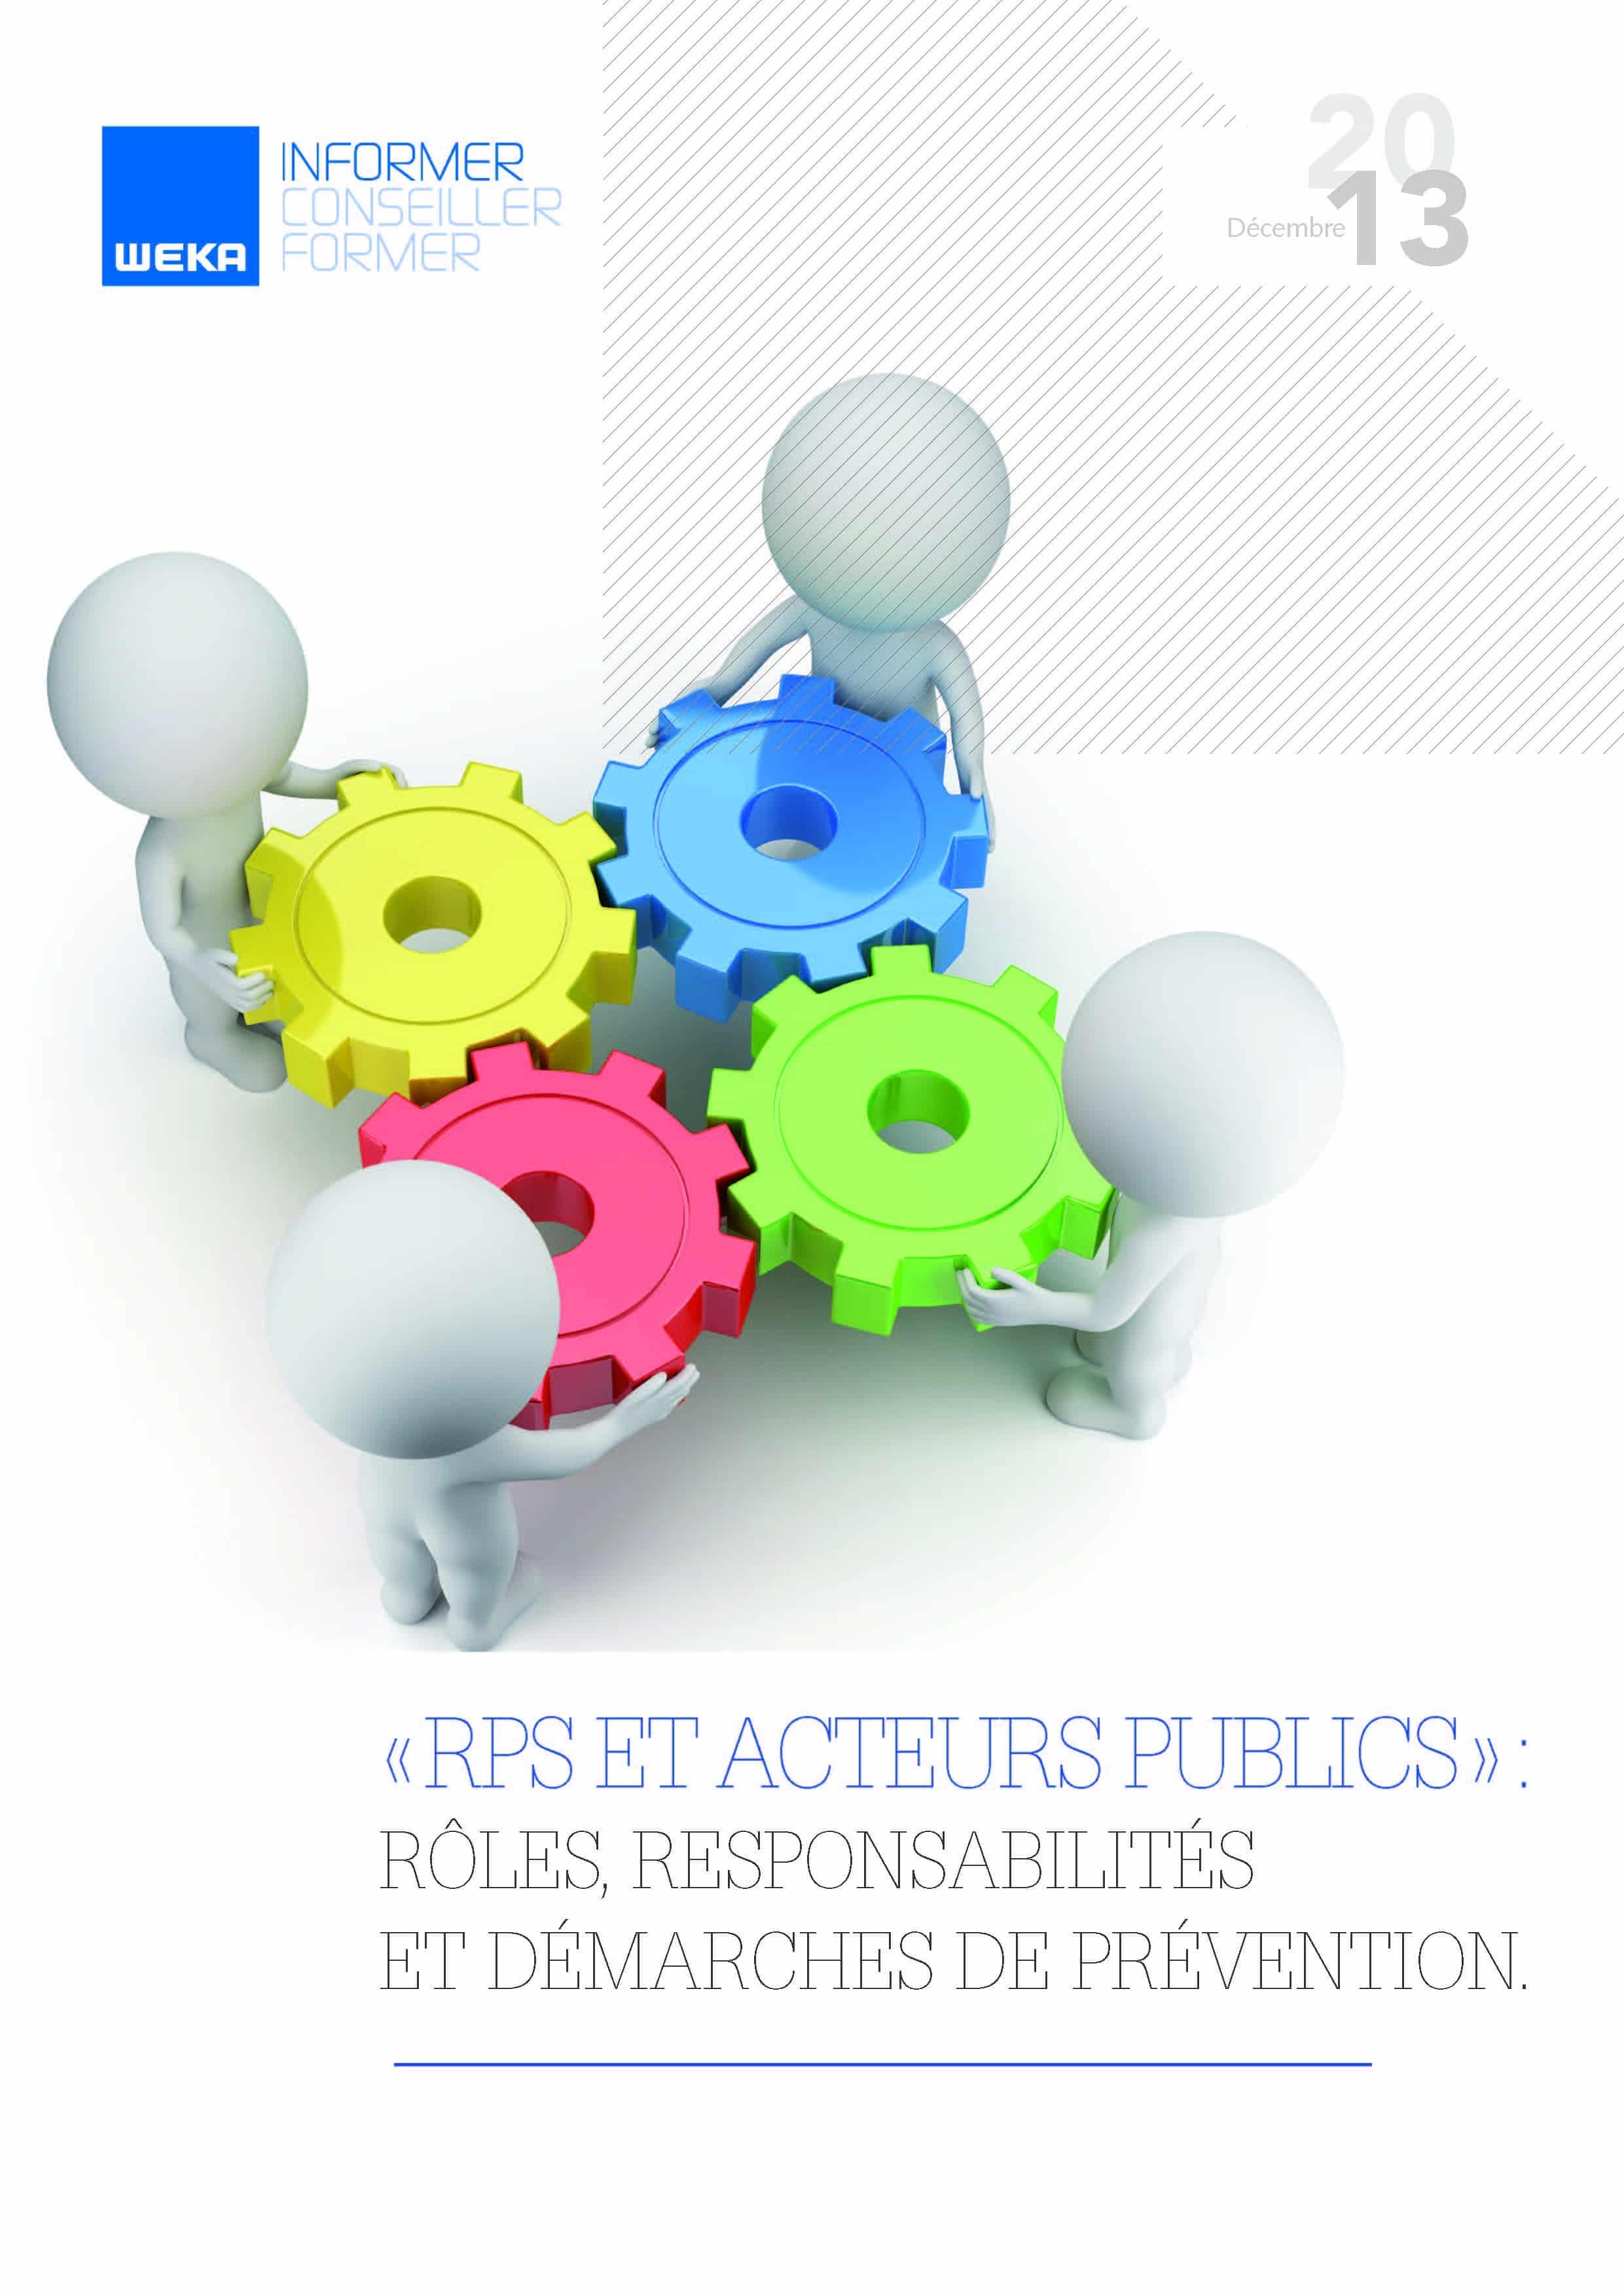 RPS et acteurs publics : rôle et responsabilité pour les différents intervenants, étapes clés d'une démarche de prévention...